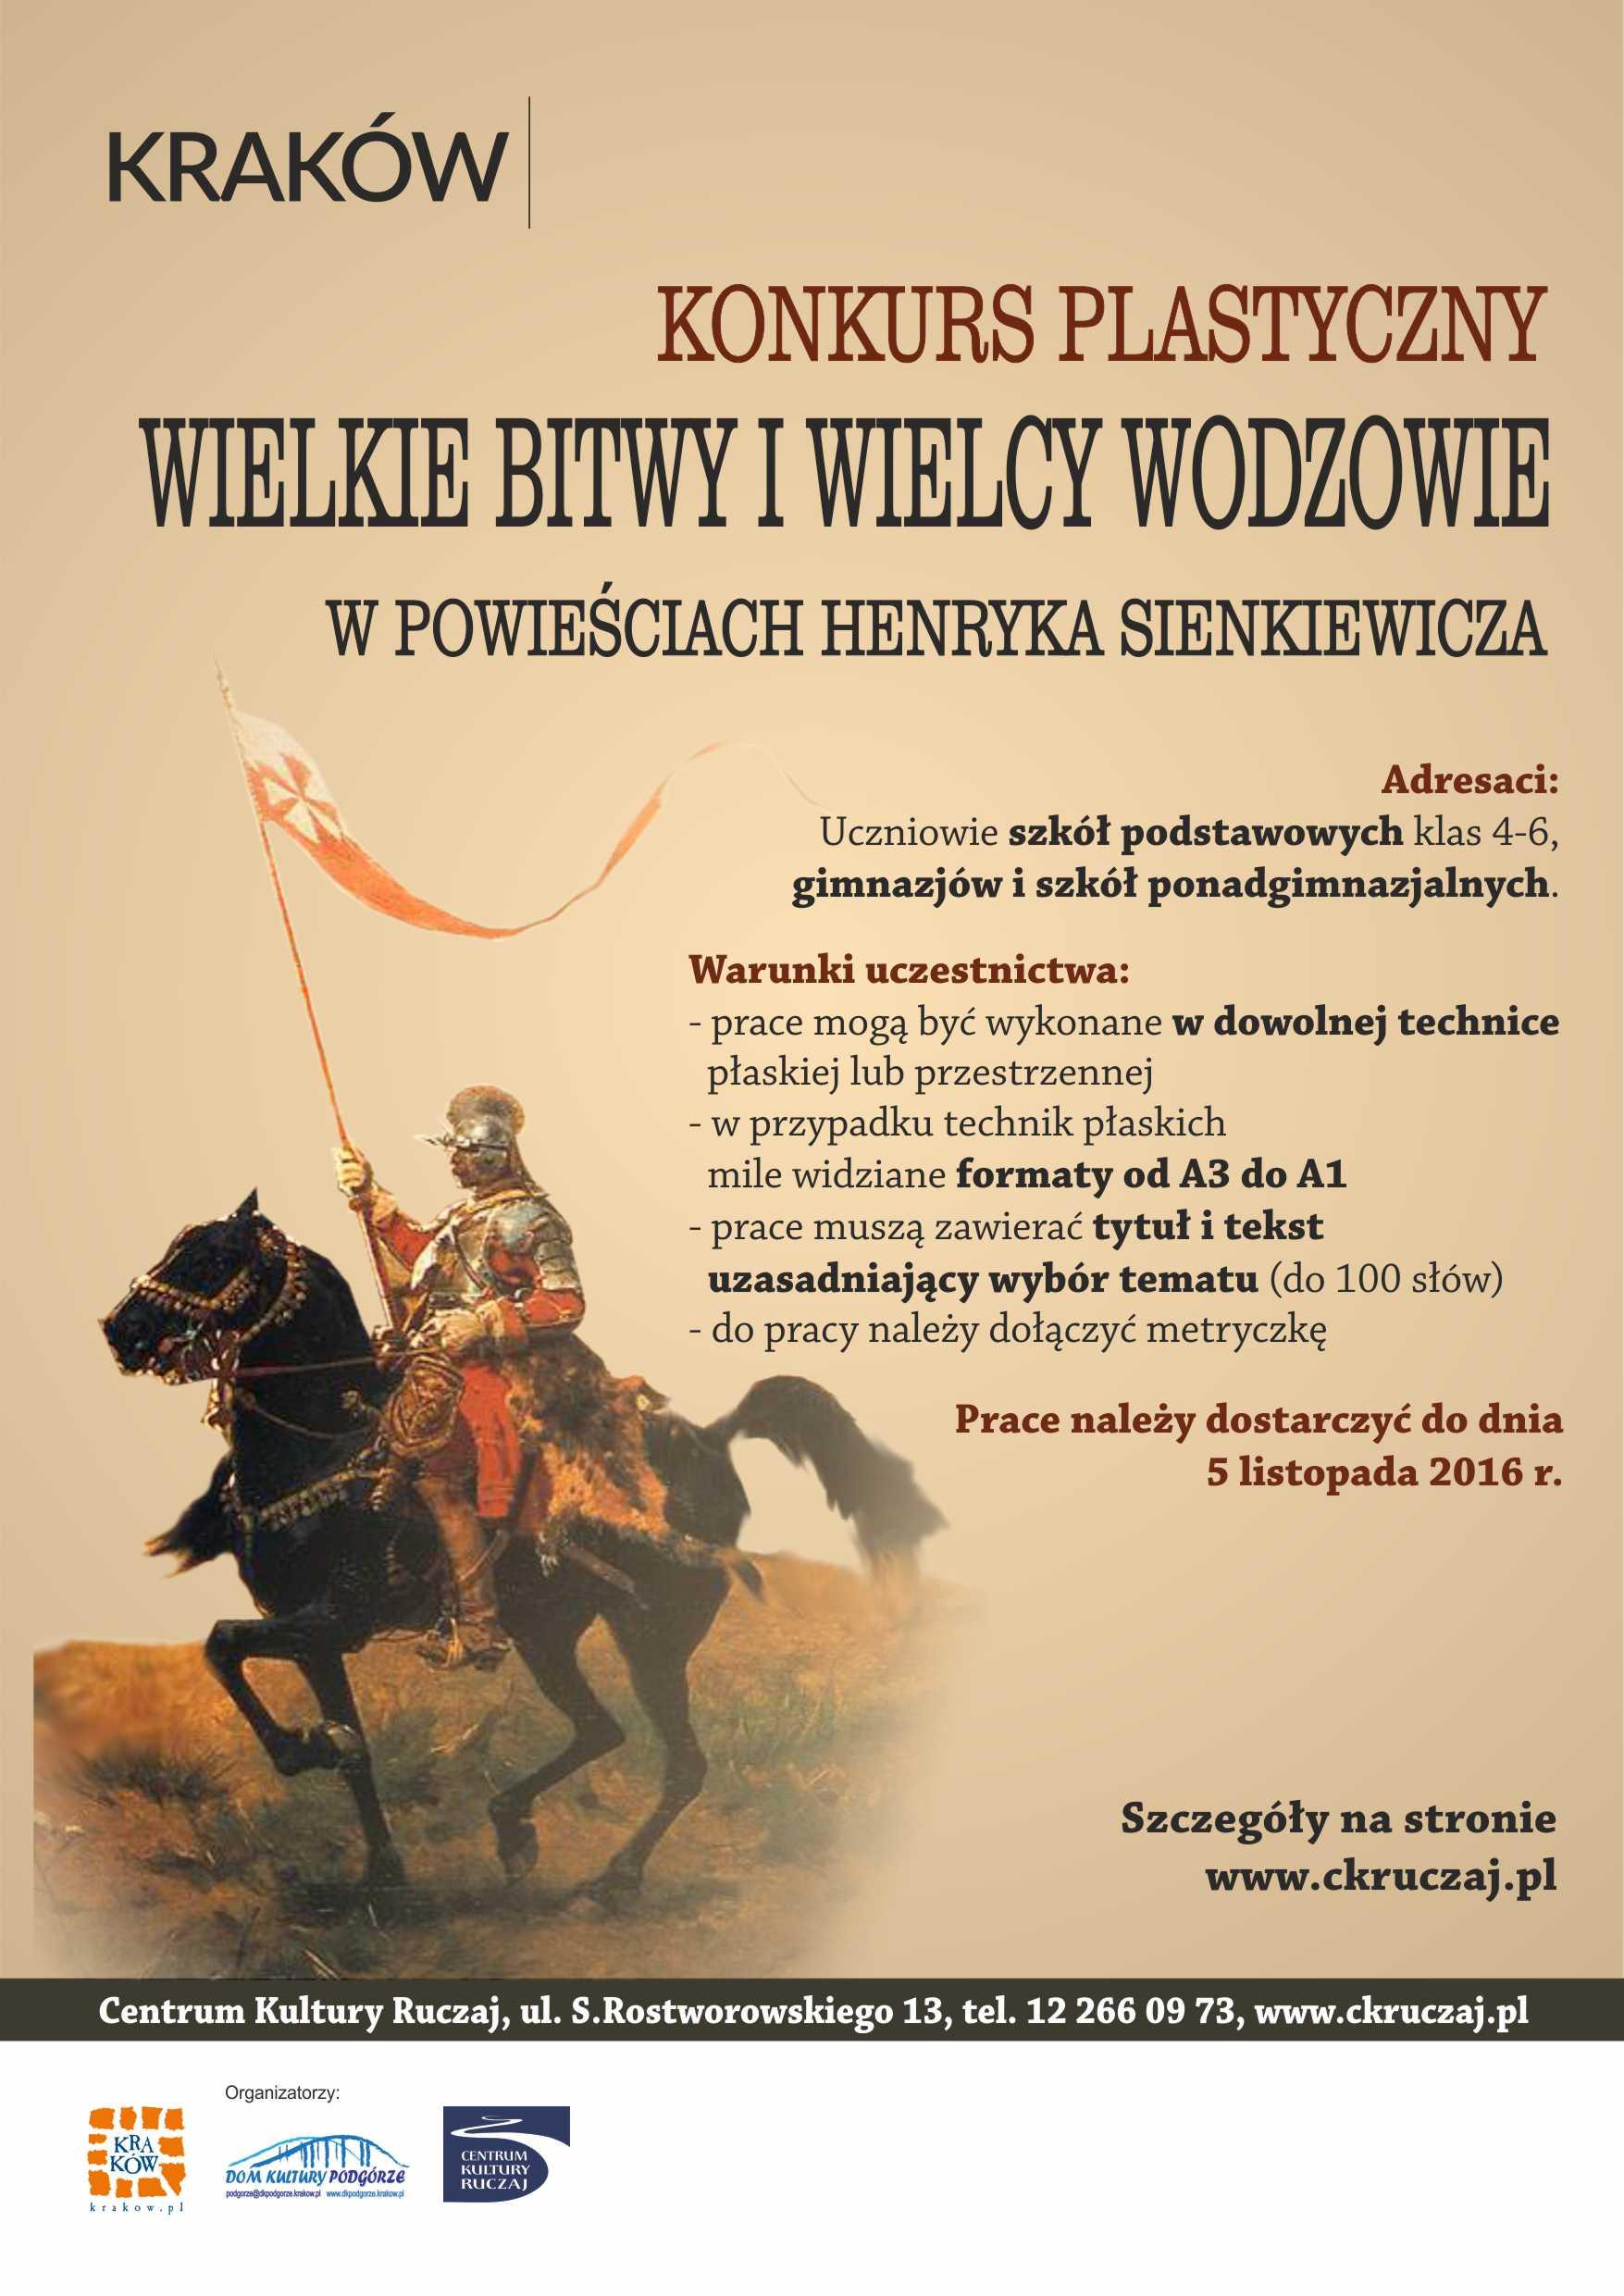 Wielkie bitwy i wielcy wodzowie w powieściach Henryka Sienkiewicza